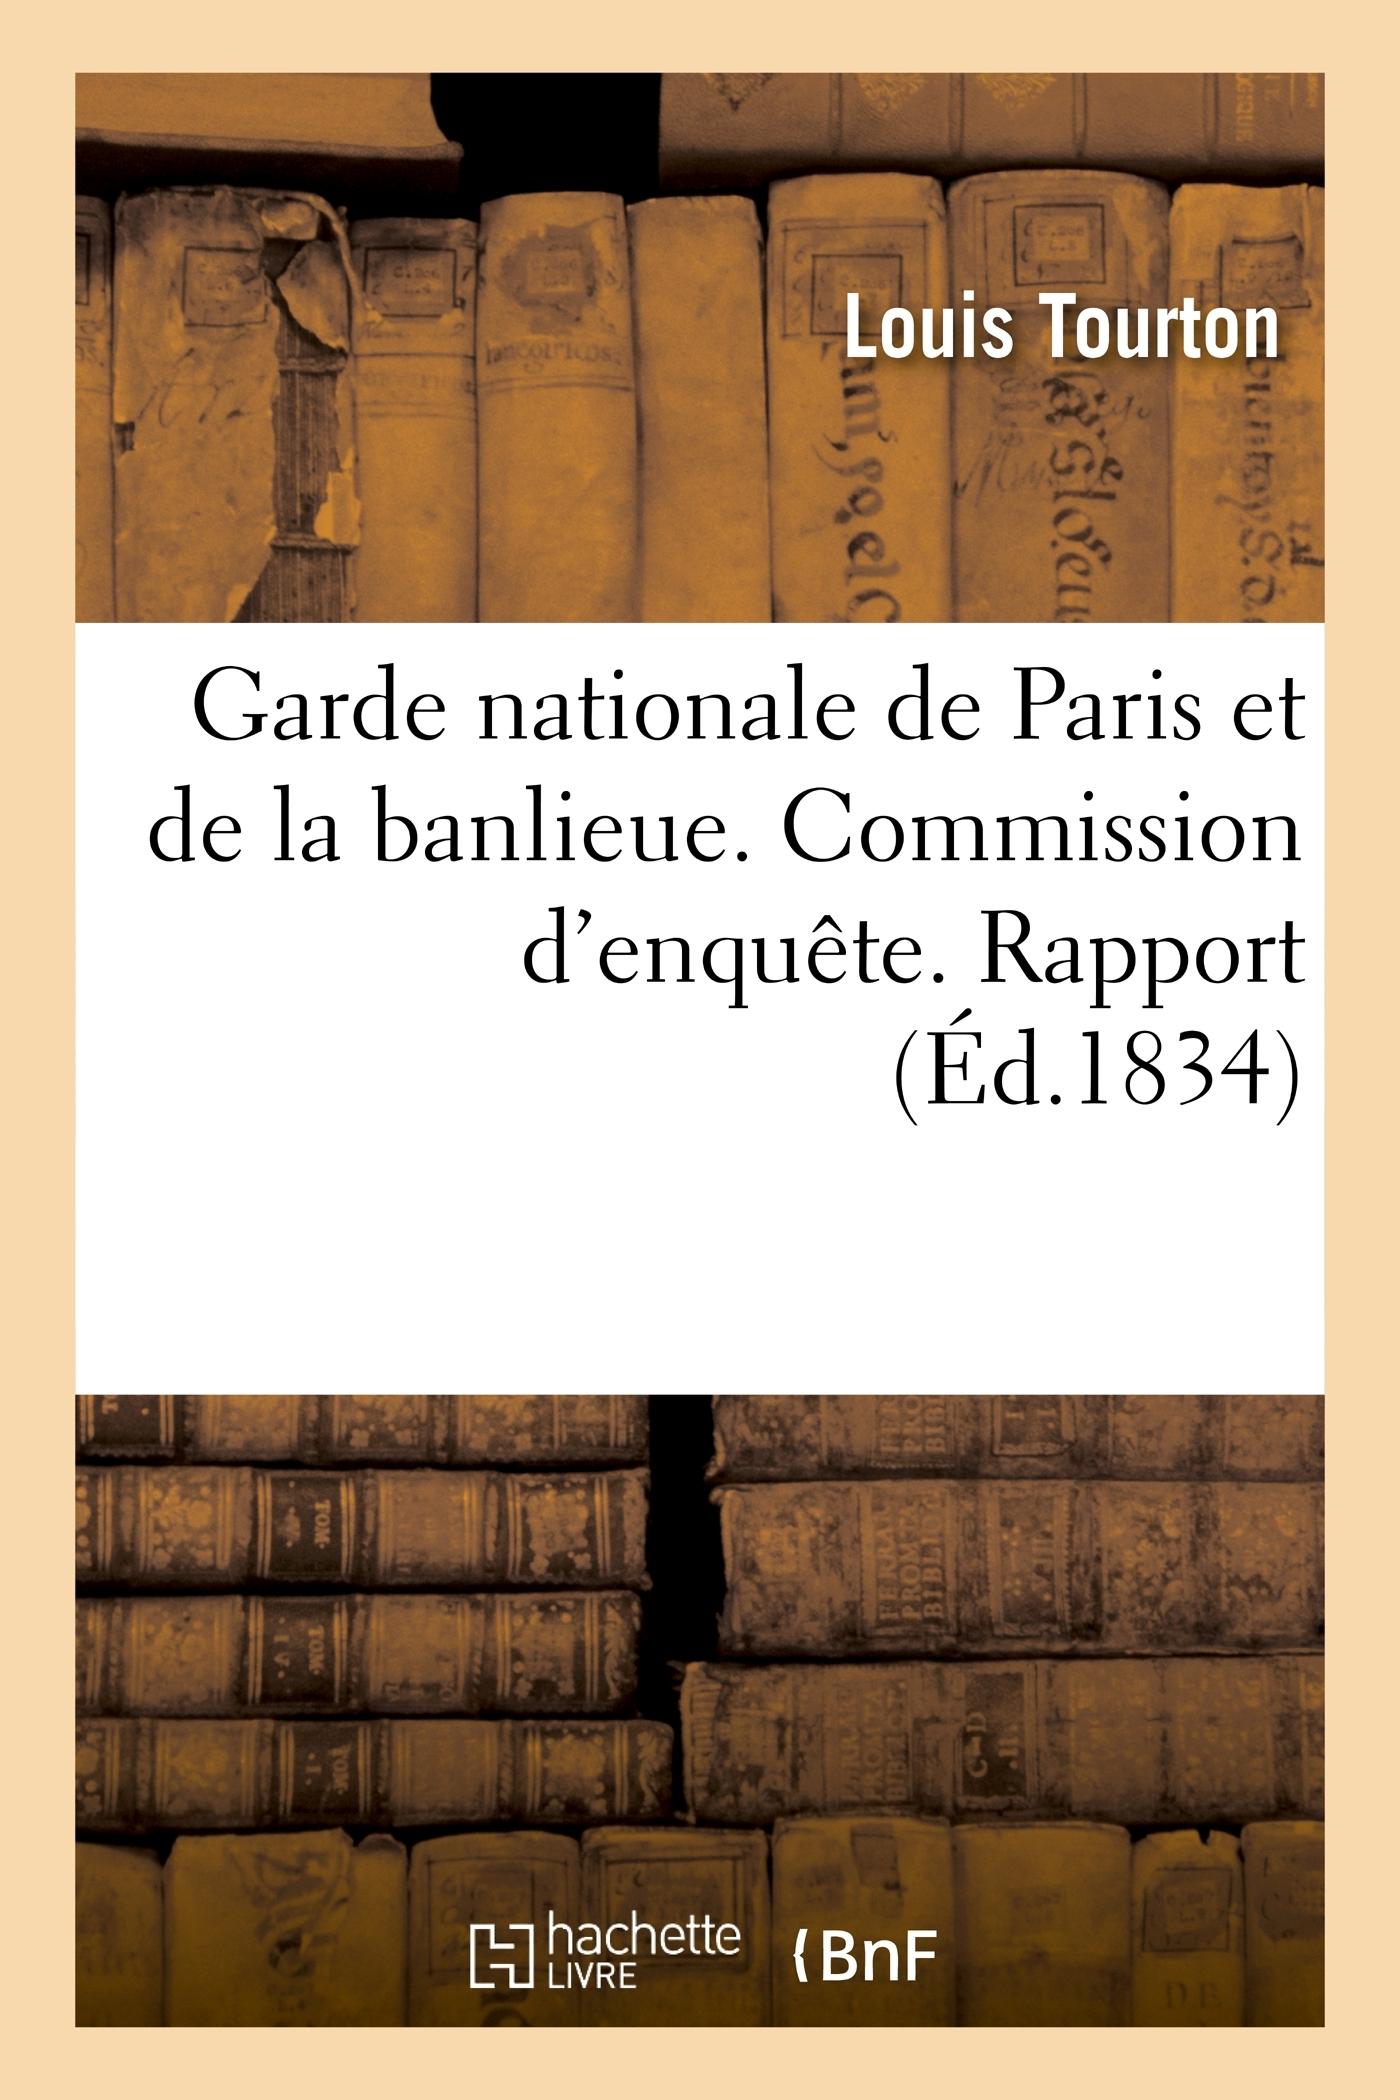 GARDE NATIONALE DE PARIS ET DE LA BANLIEUE. COMMISSION D'ENQUETE. RAPPORT A M. LE MARECHAL